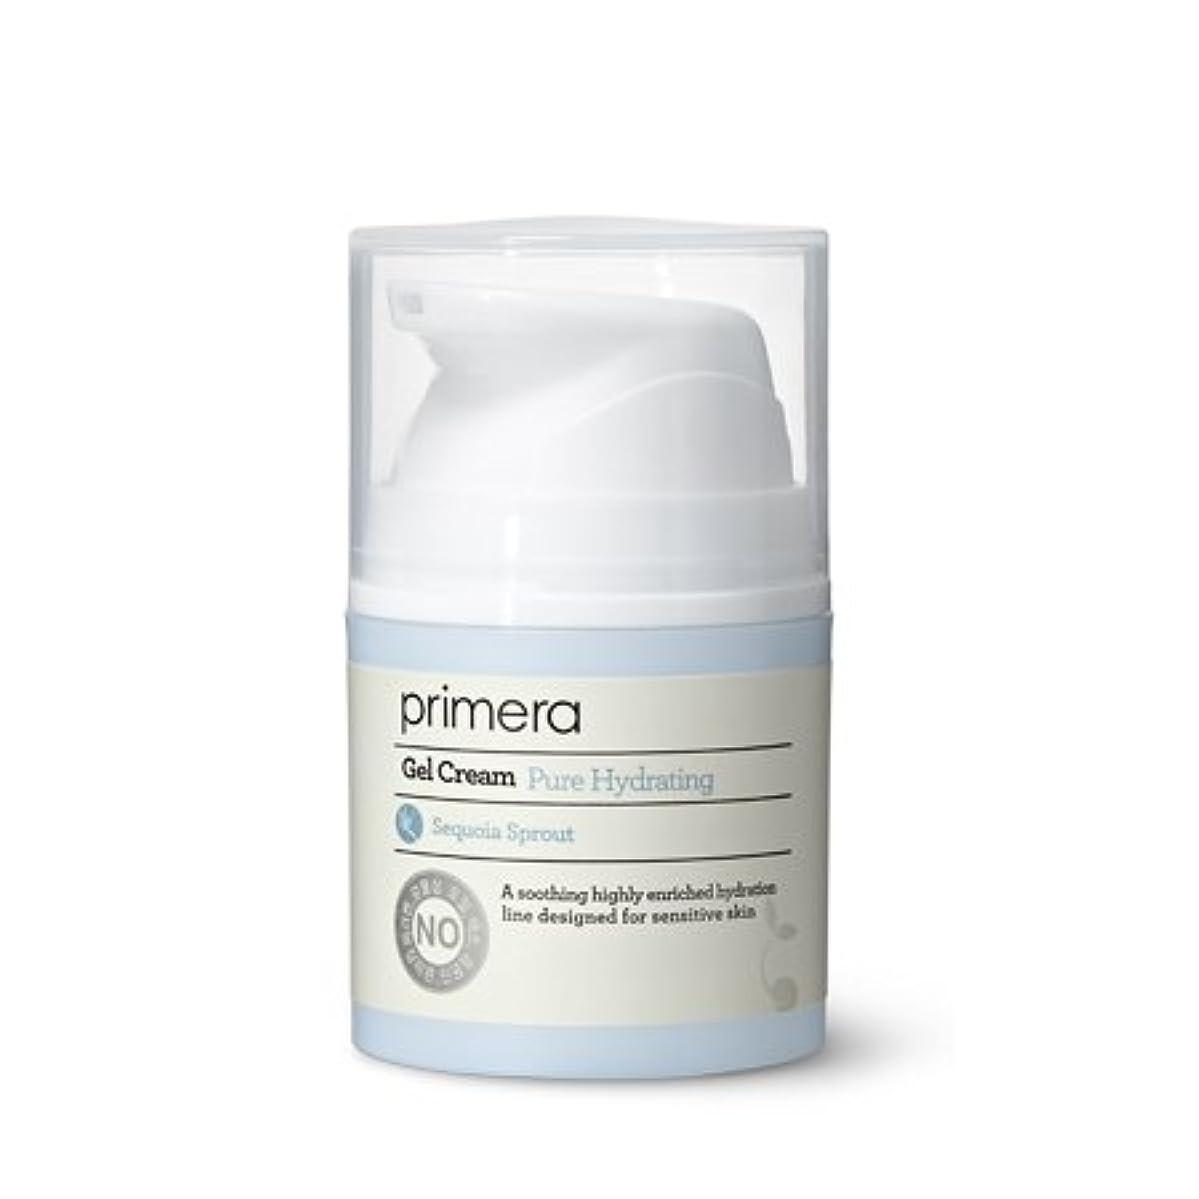 素人クロール覚えているPRIMERA プリメラ ピュア ハイドレイティング ジェルクリーム(Pure Hydrating Gel Cream)30ml